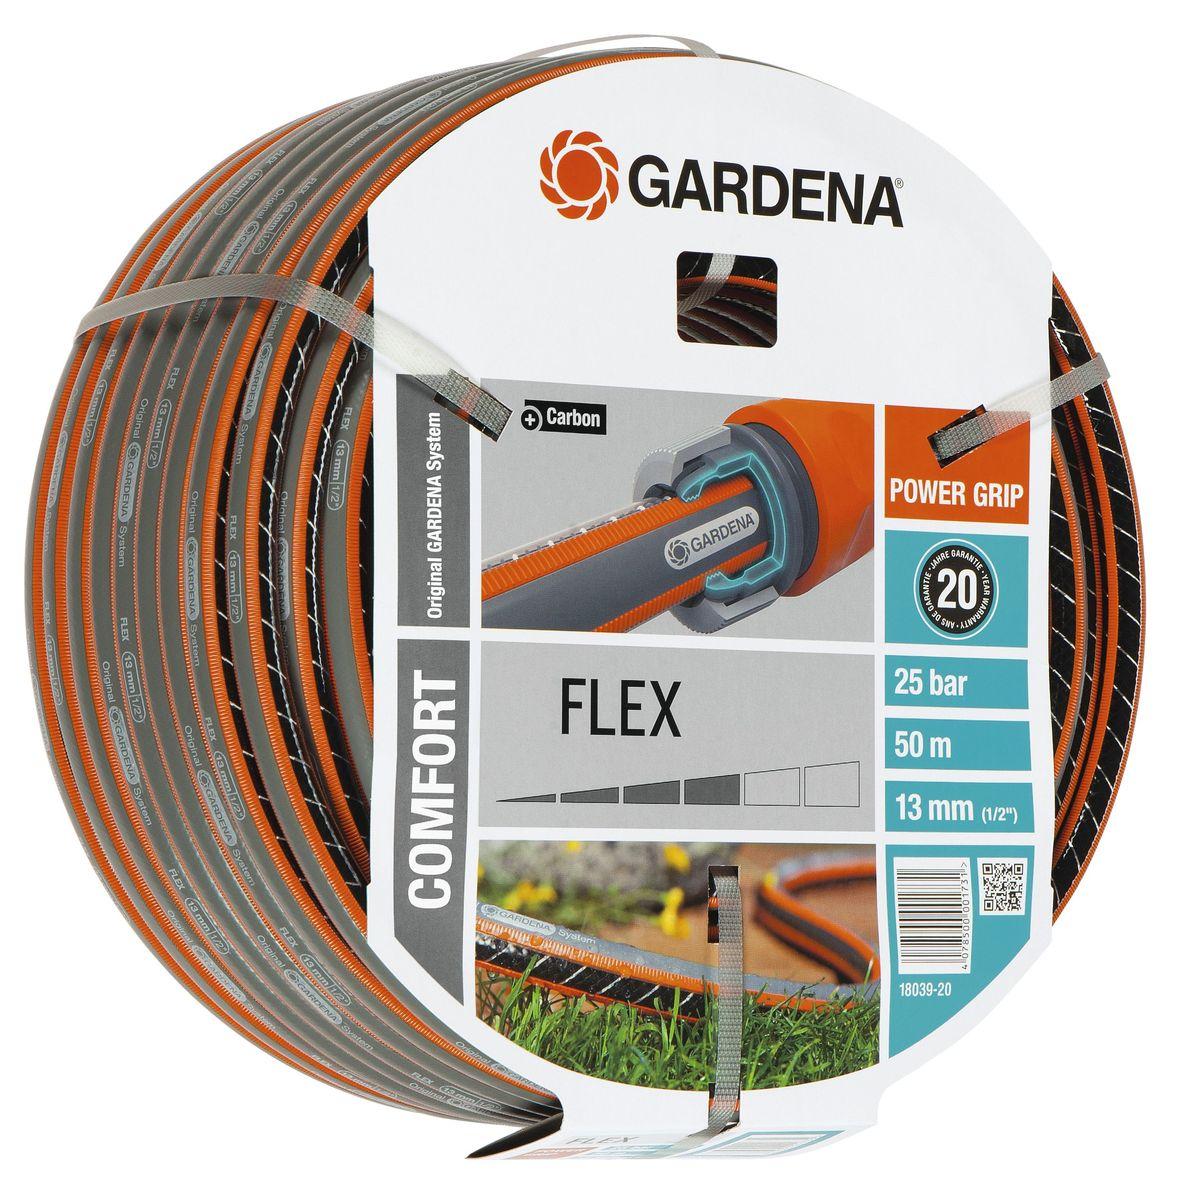 Шланг Flex 9x9 1/2 х 50 м Gardena18039-20.000.00С ребристым профилем Power Grip для идеального соединения с коннекторами Базовой системы полива. Устойчивость к высокому давлению и сохранение формы благодаря спиралевидному текстильному армированию, усиленному углеродом. Не перегибается, не спутывается.